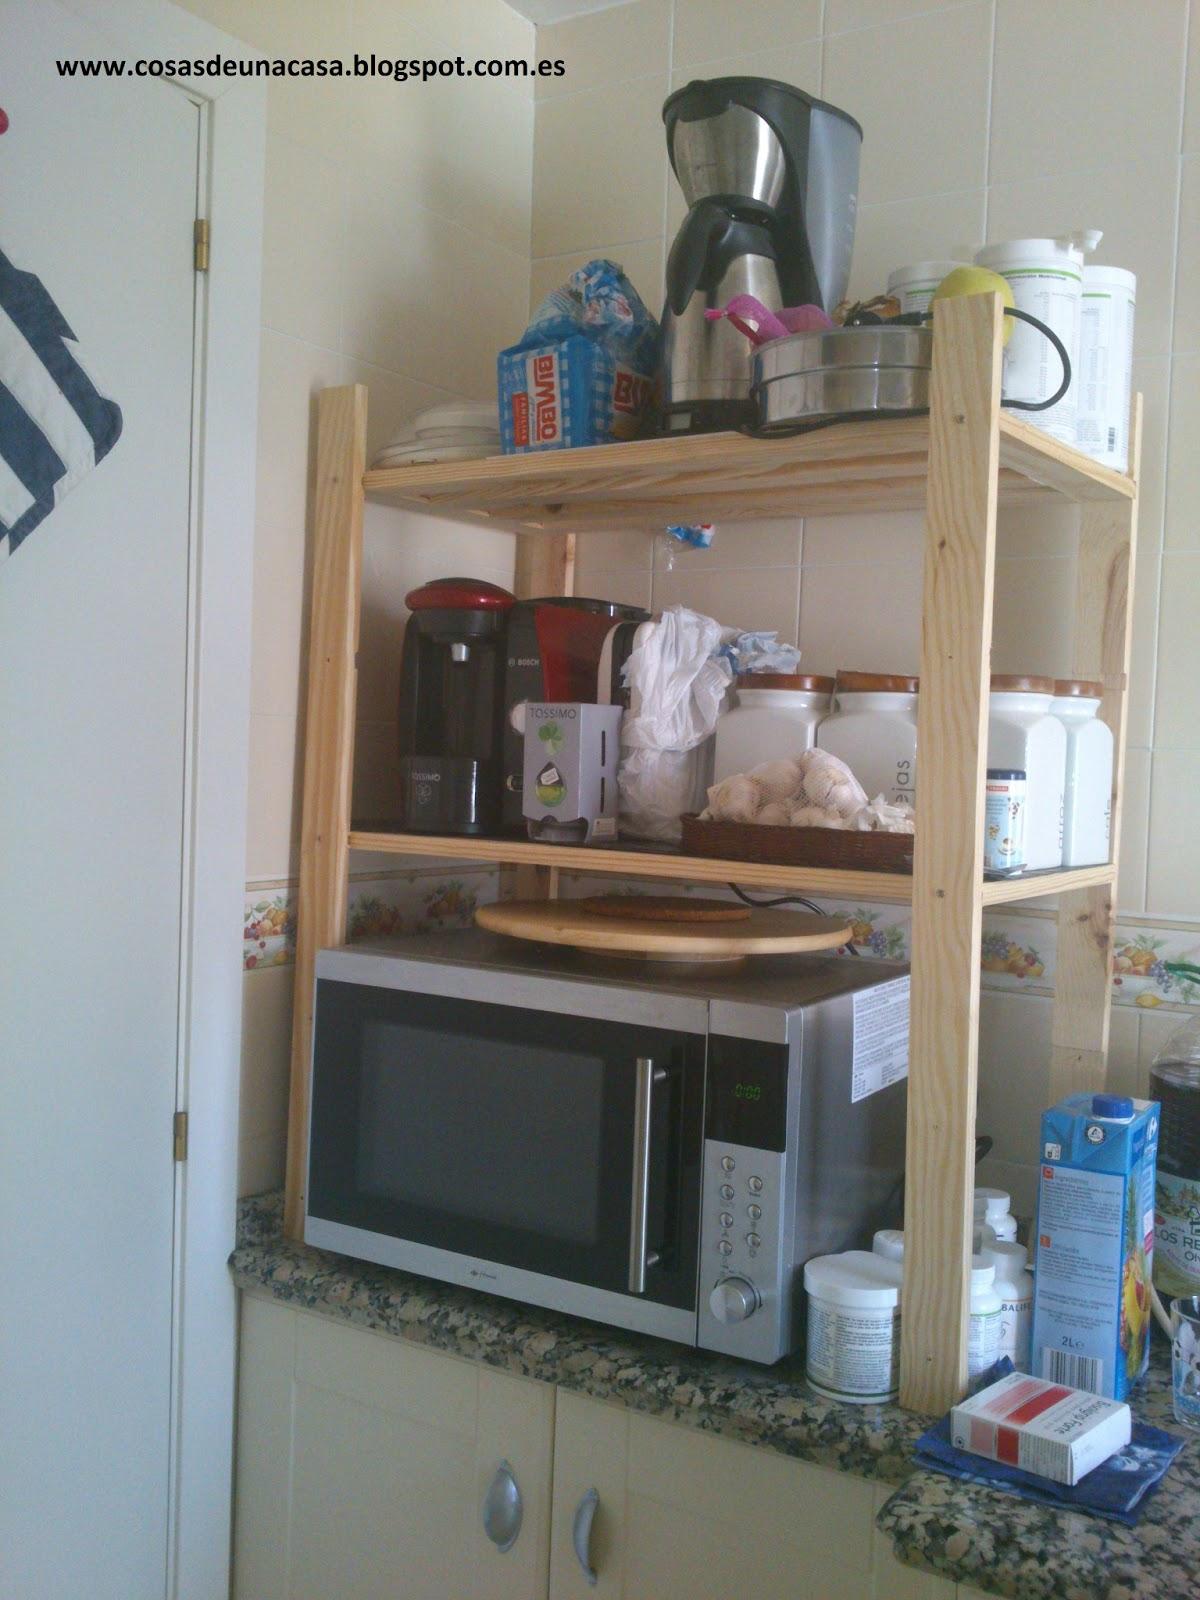 Cosas de Una Casa: Organizar la cocina con un estante o ...